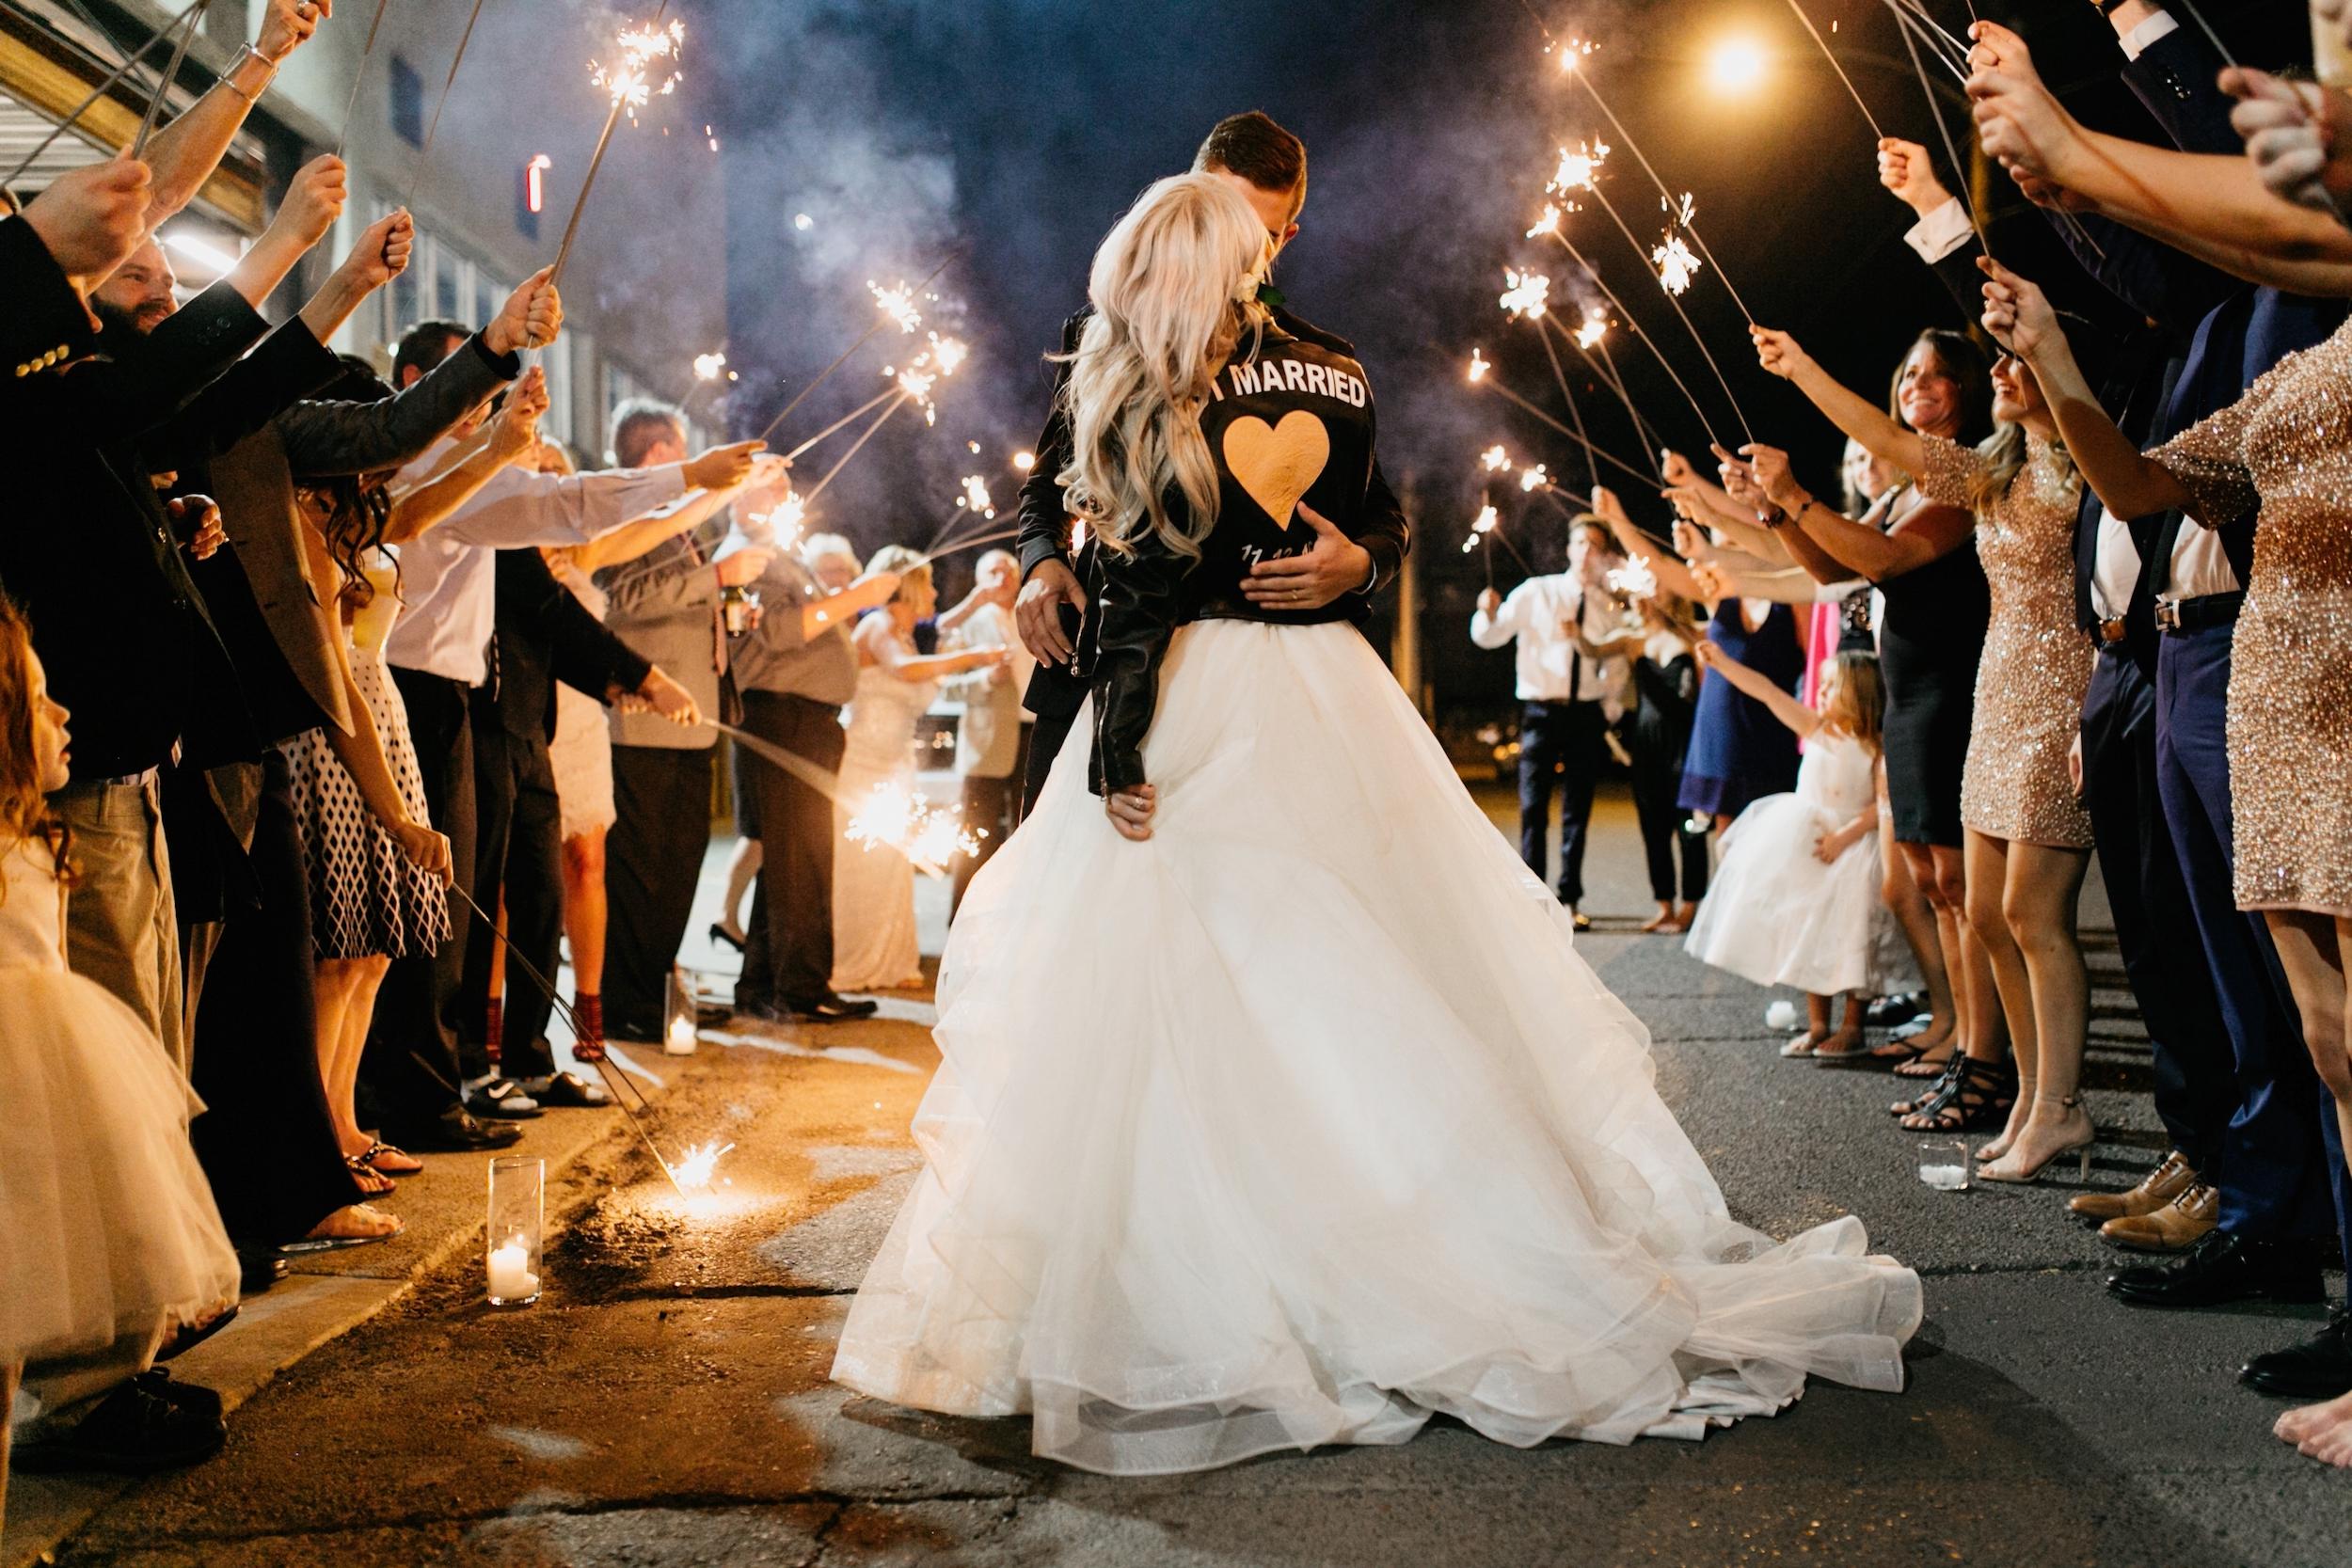 arizona - wedding - photography 01886.jpg